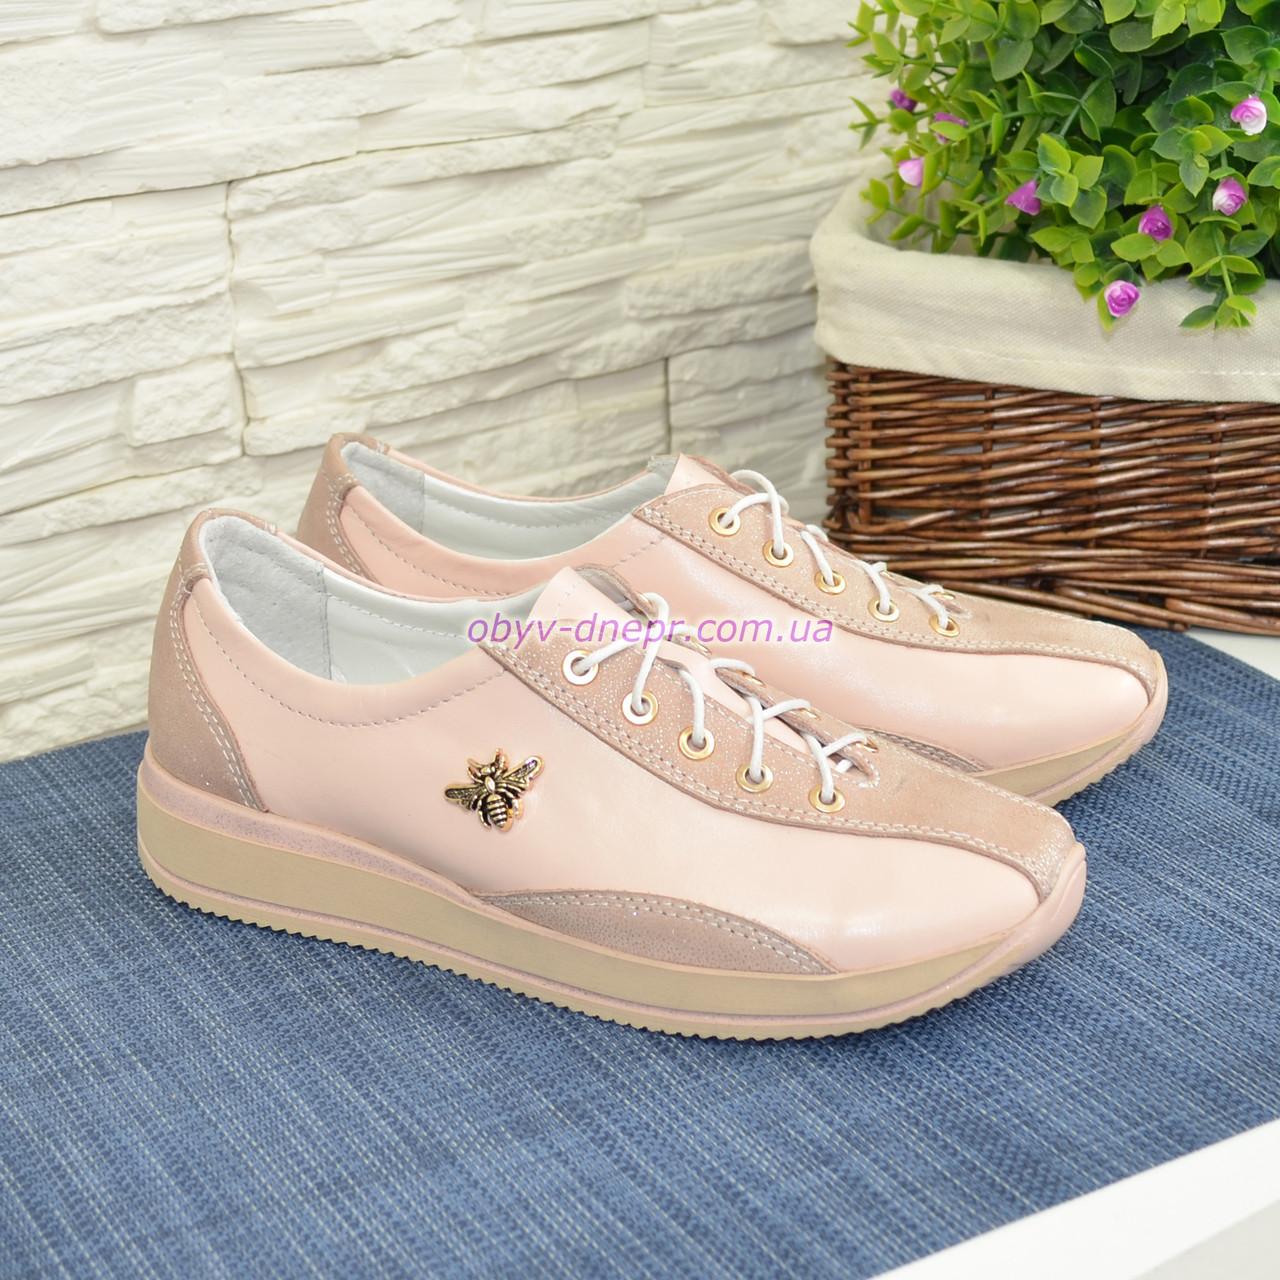 Стильные женские кроссовки из натуральной кожи и замши, цвет пудра